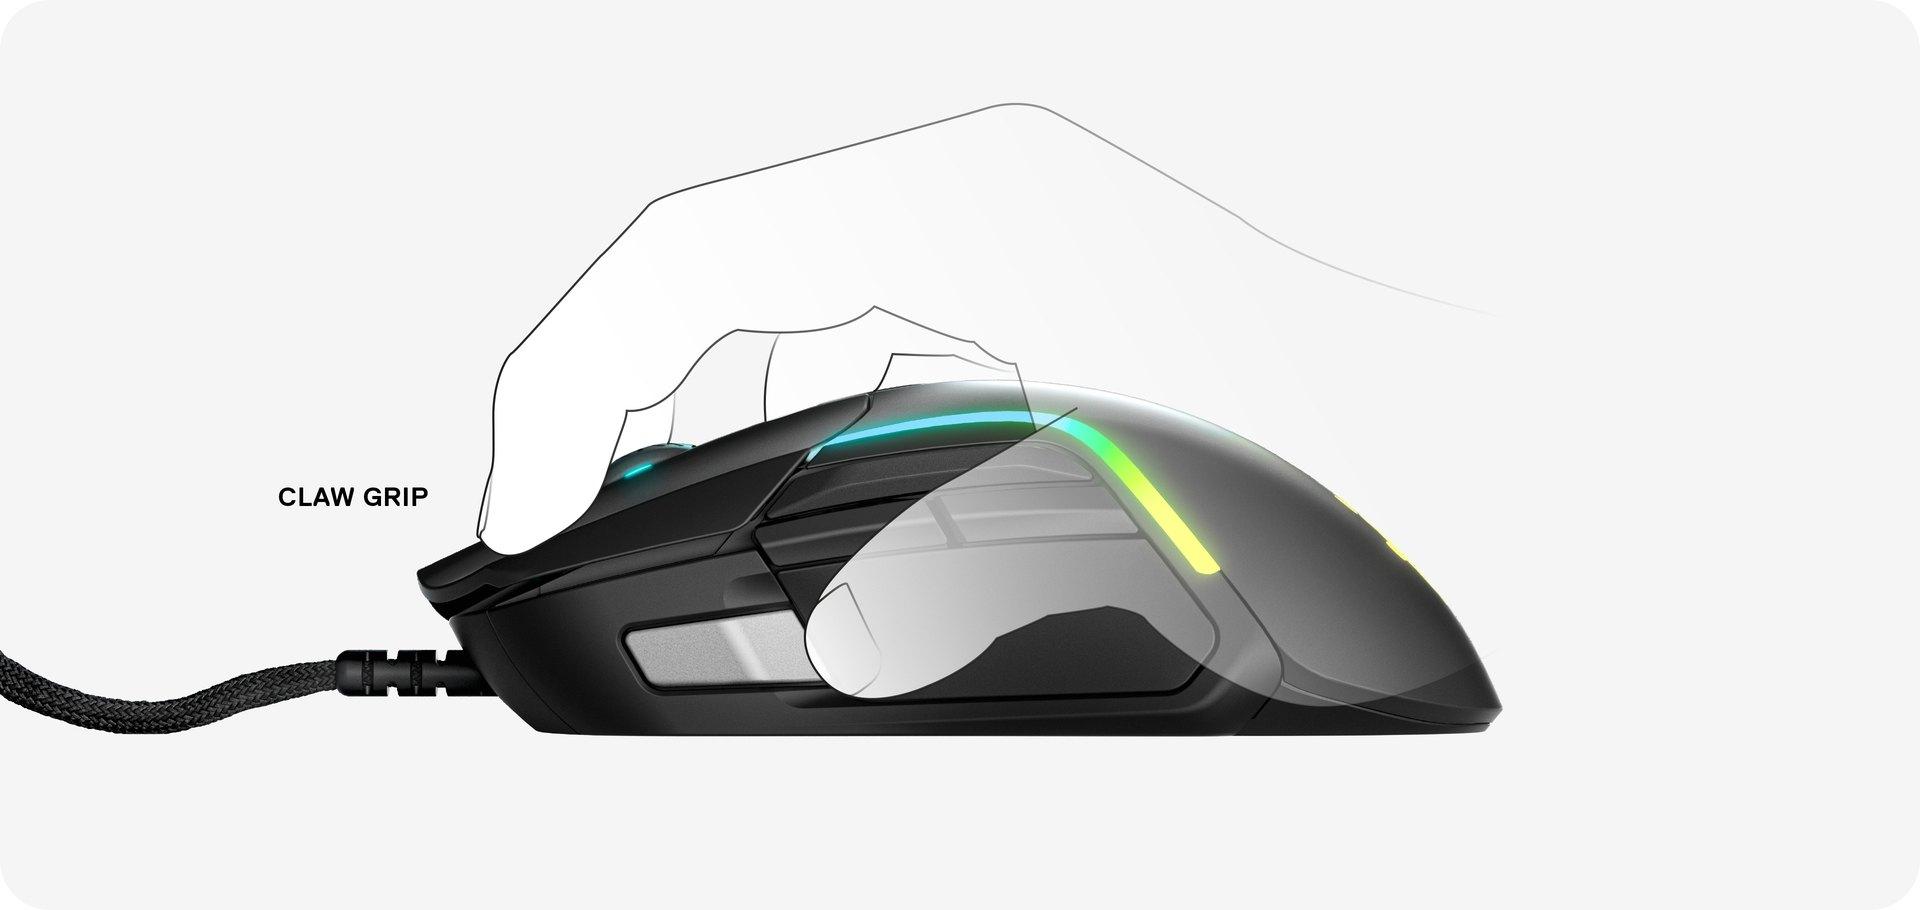 Kuva kädestä, joka käyttää Rival 5 -mallia kouraotteella.